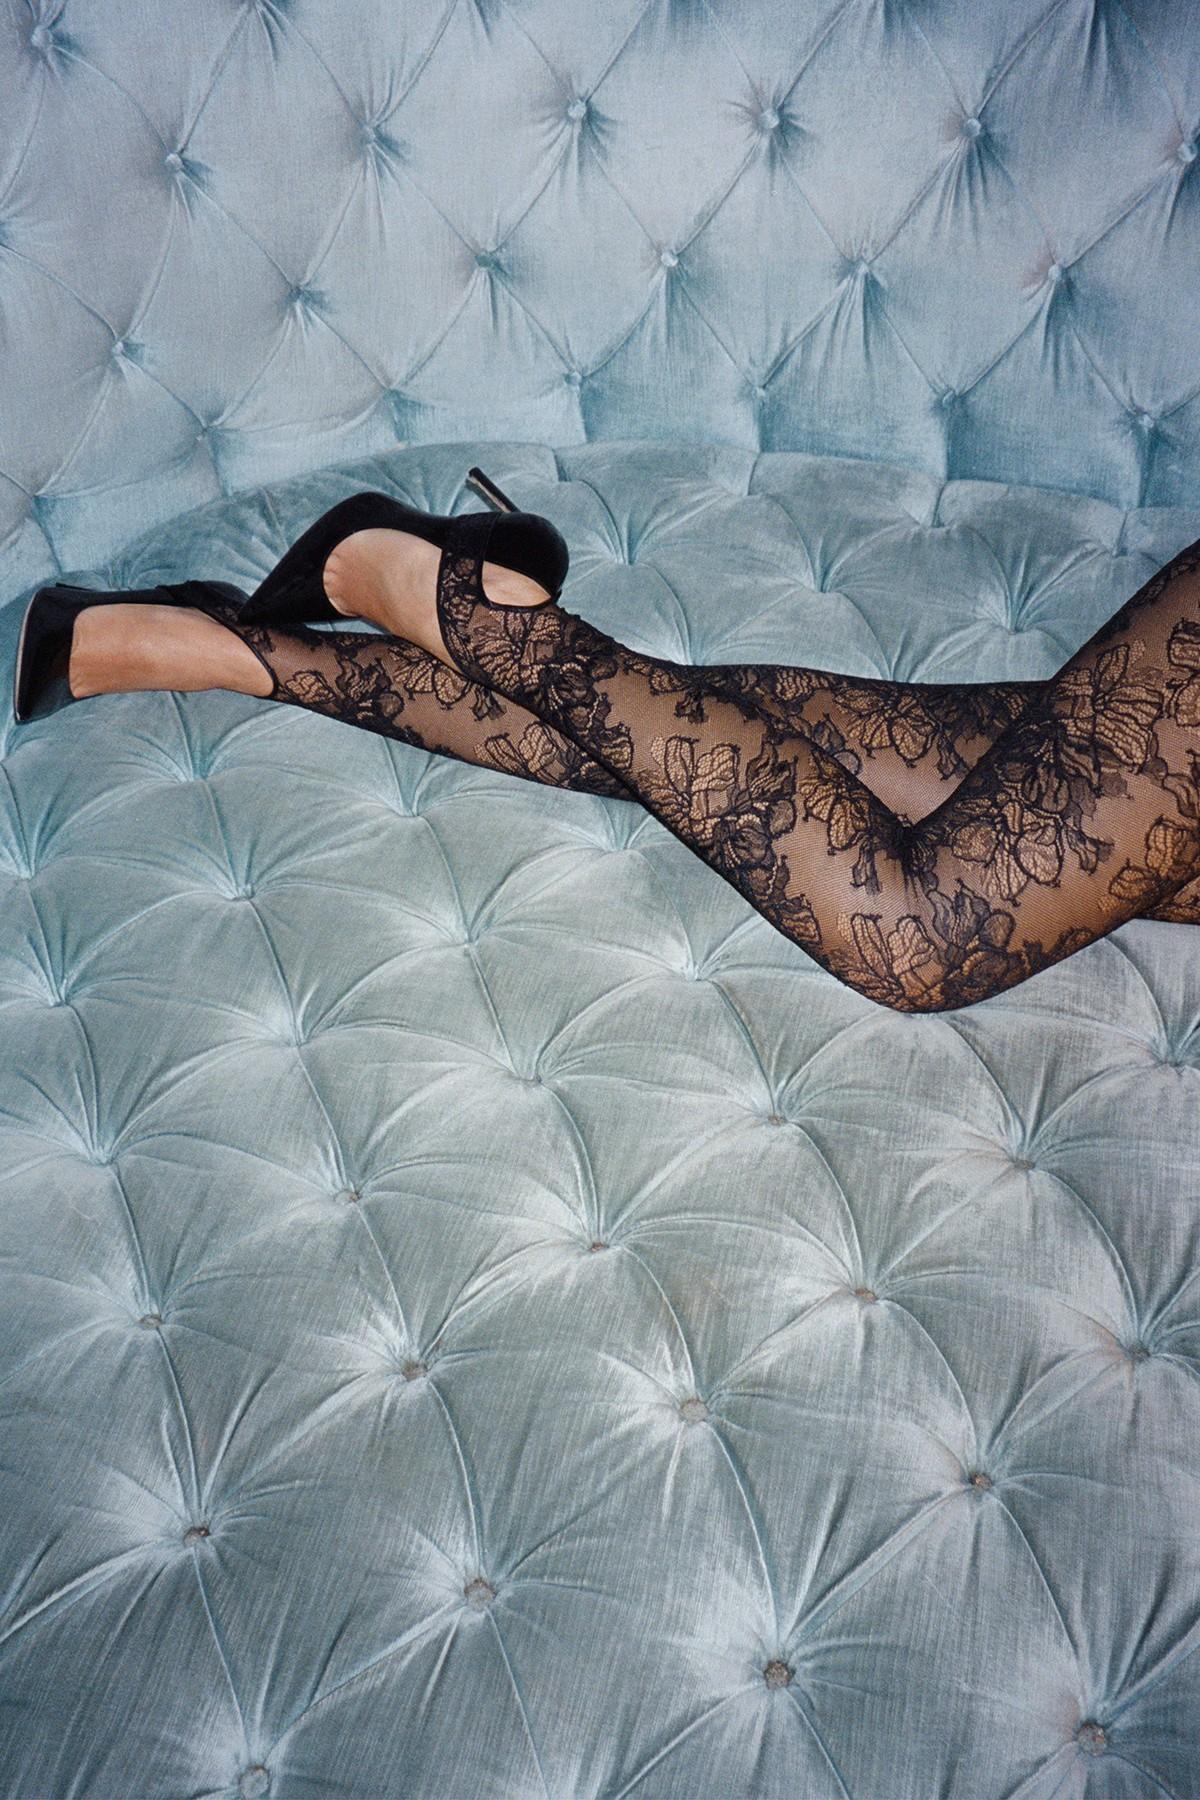 Дочь Джуда Лоу примерила белье в стиле 1980-х для новой кампании La Perla (фото 4)